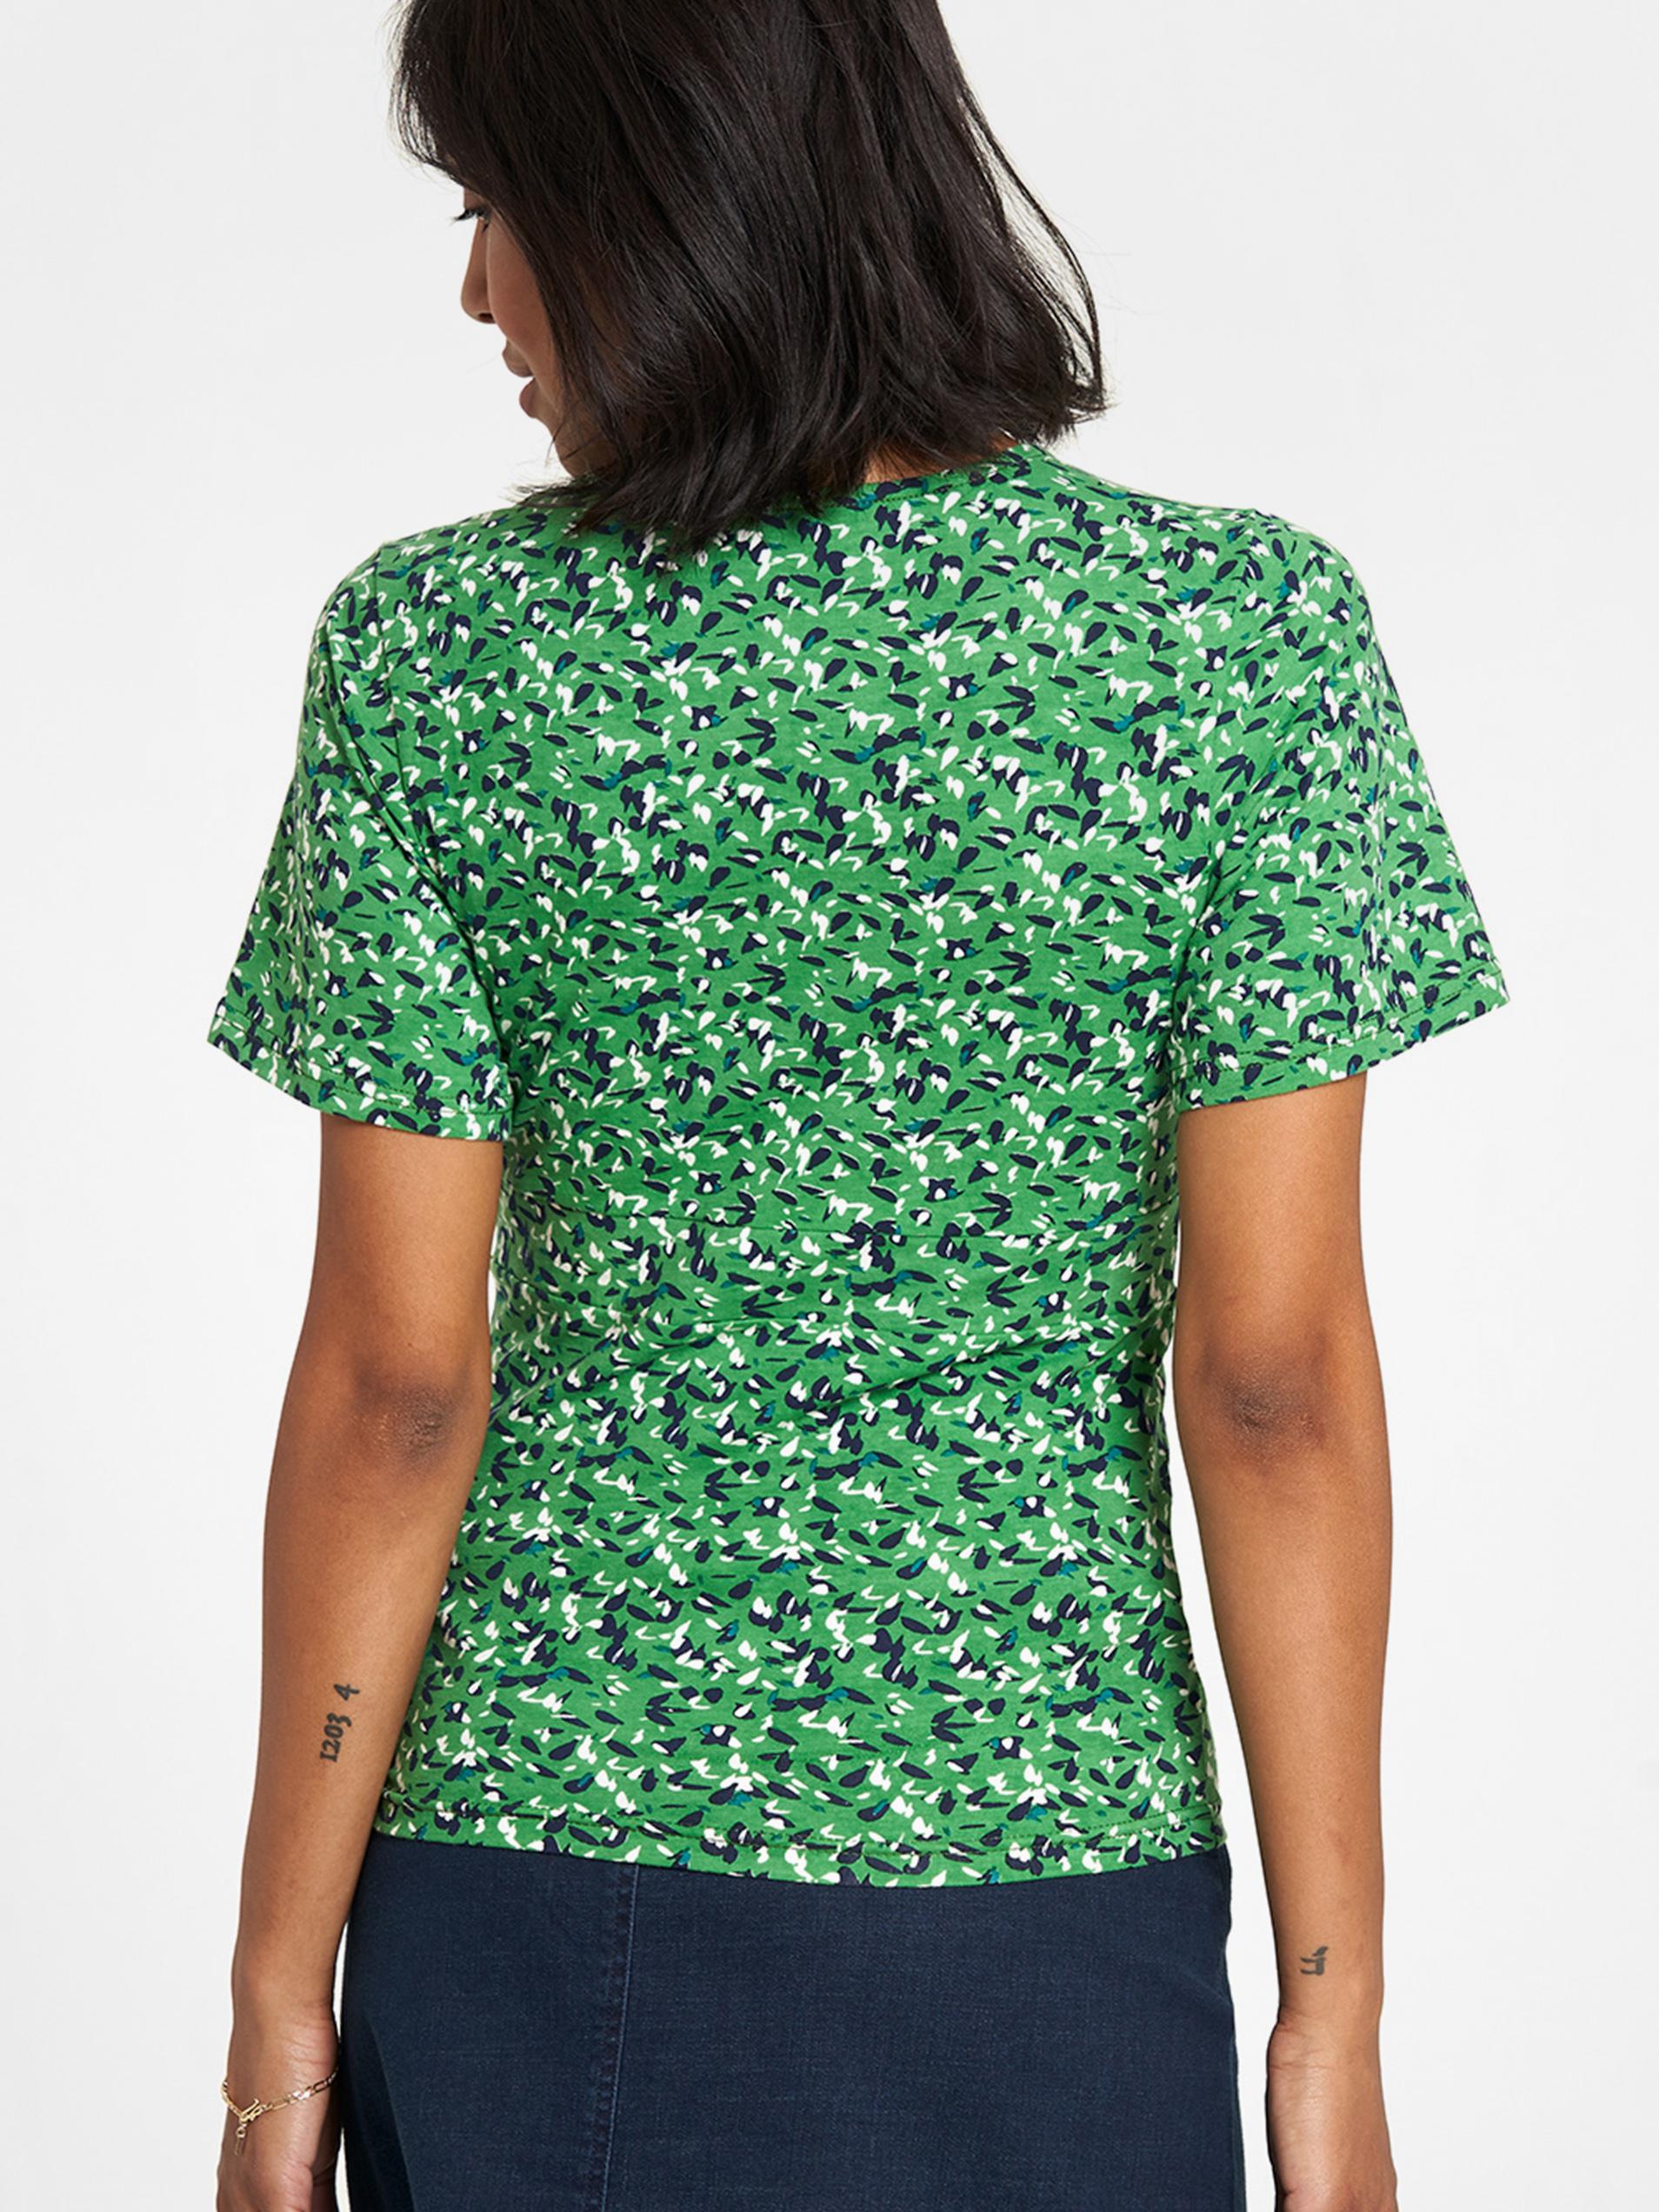 Tranquillo zielony koszulka z wzorem